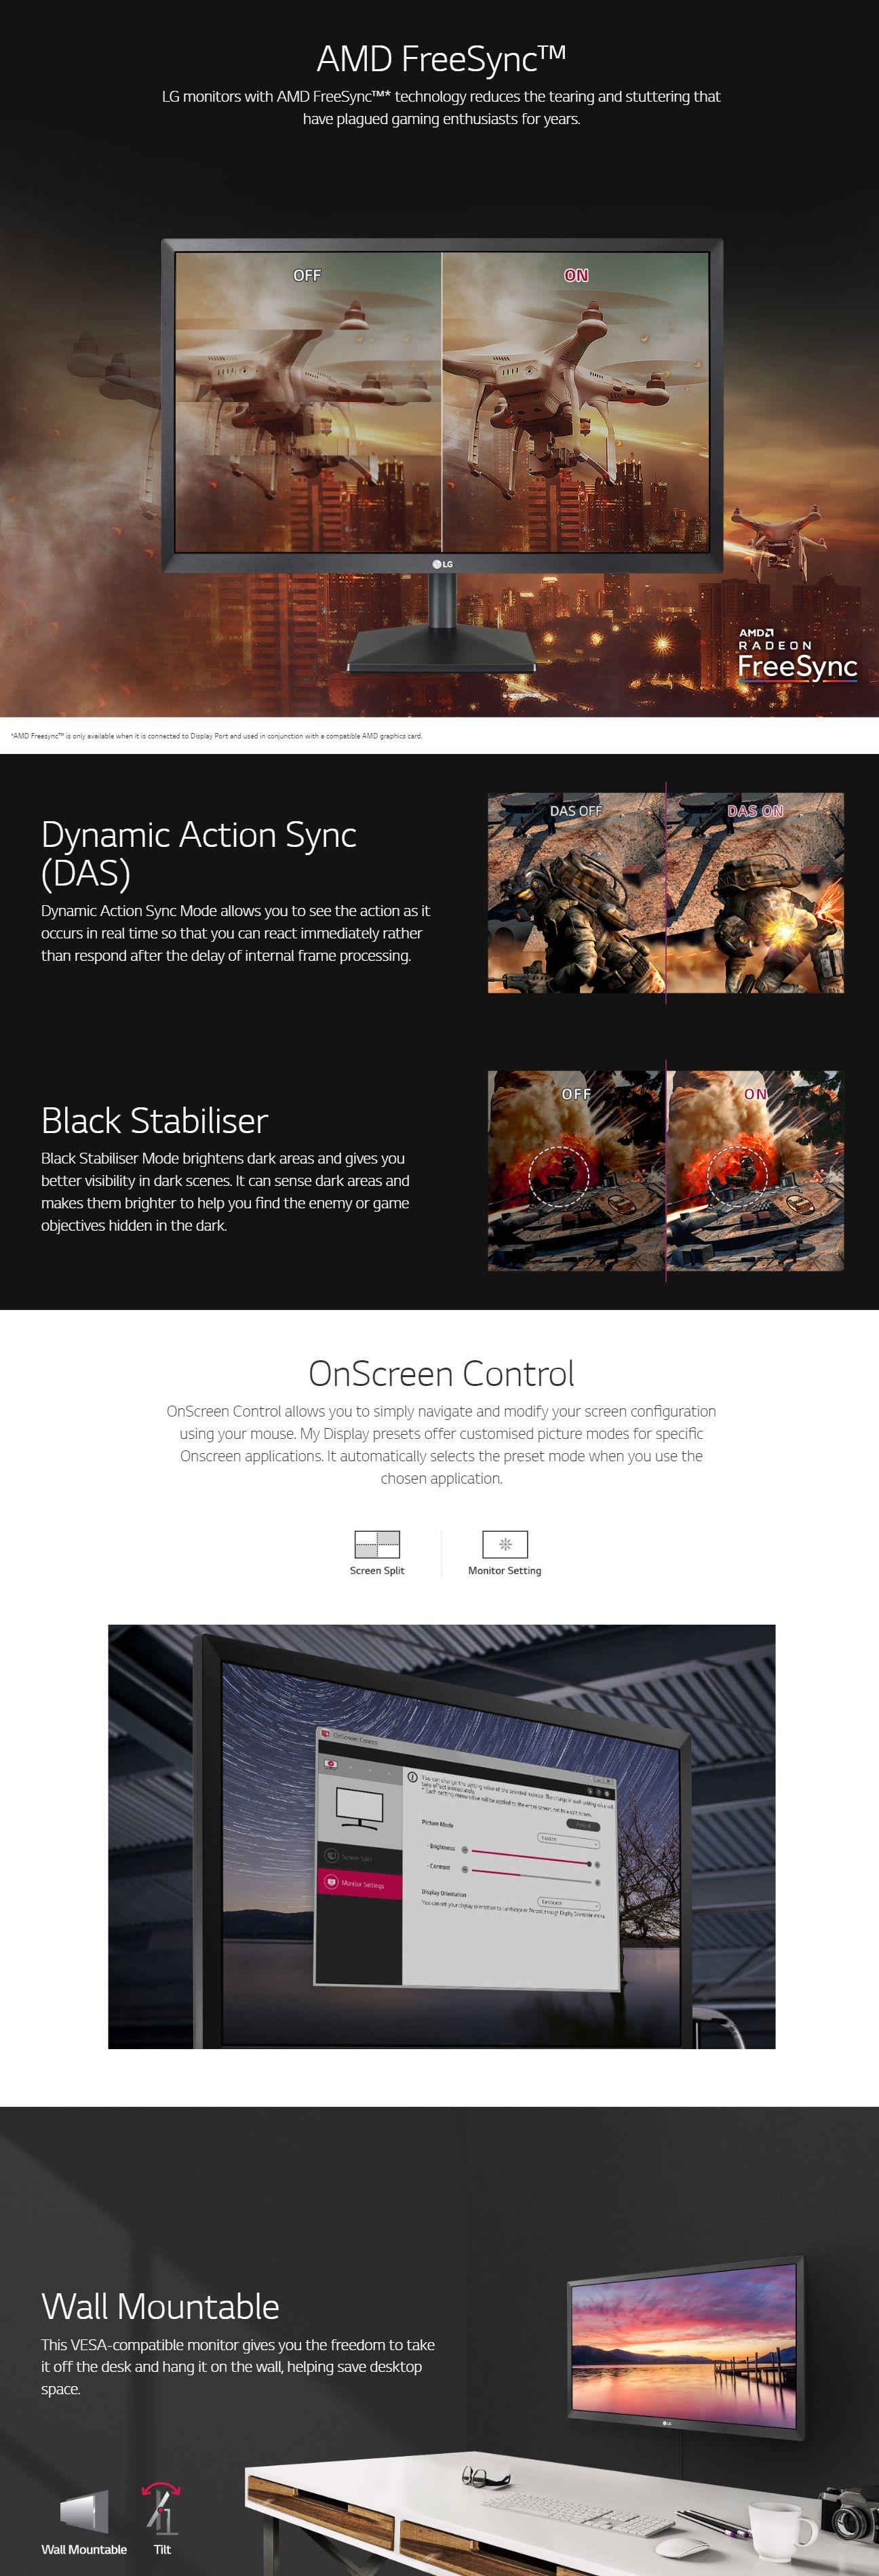 LG 22in FHD 75Hz FreeSync Monitor (22MK400H)